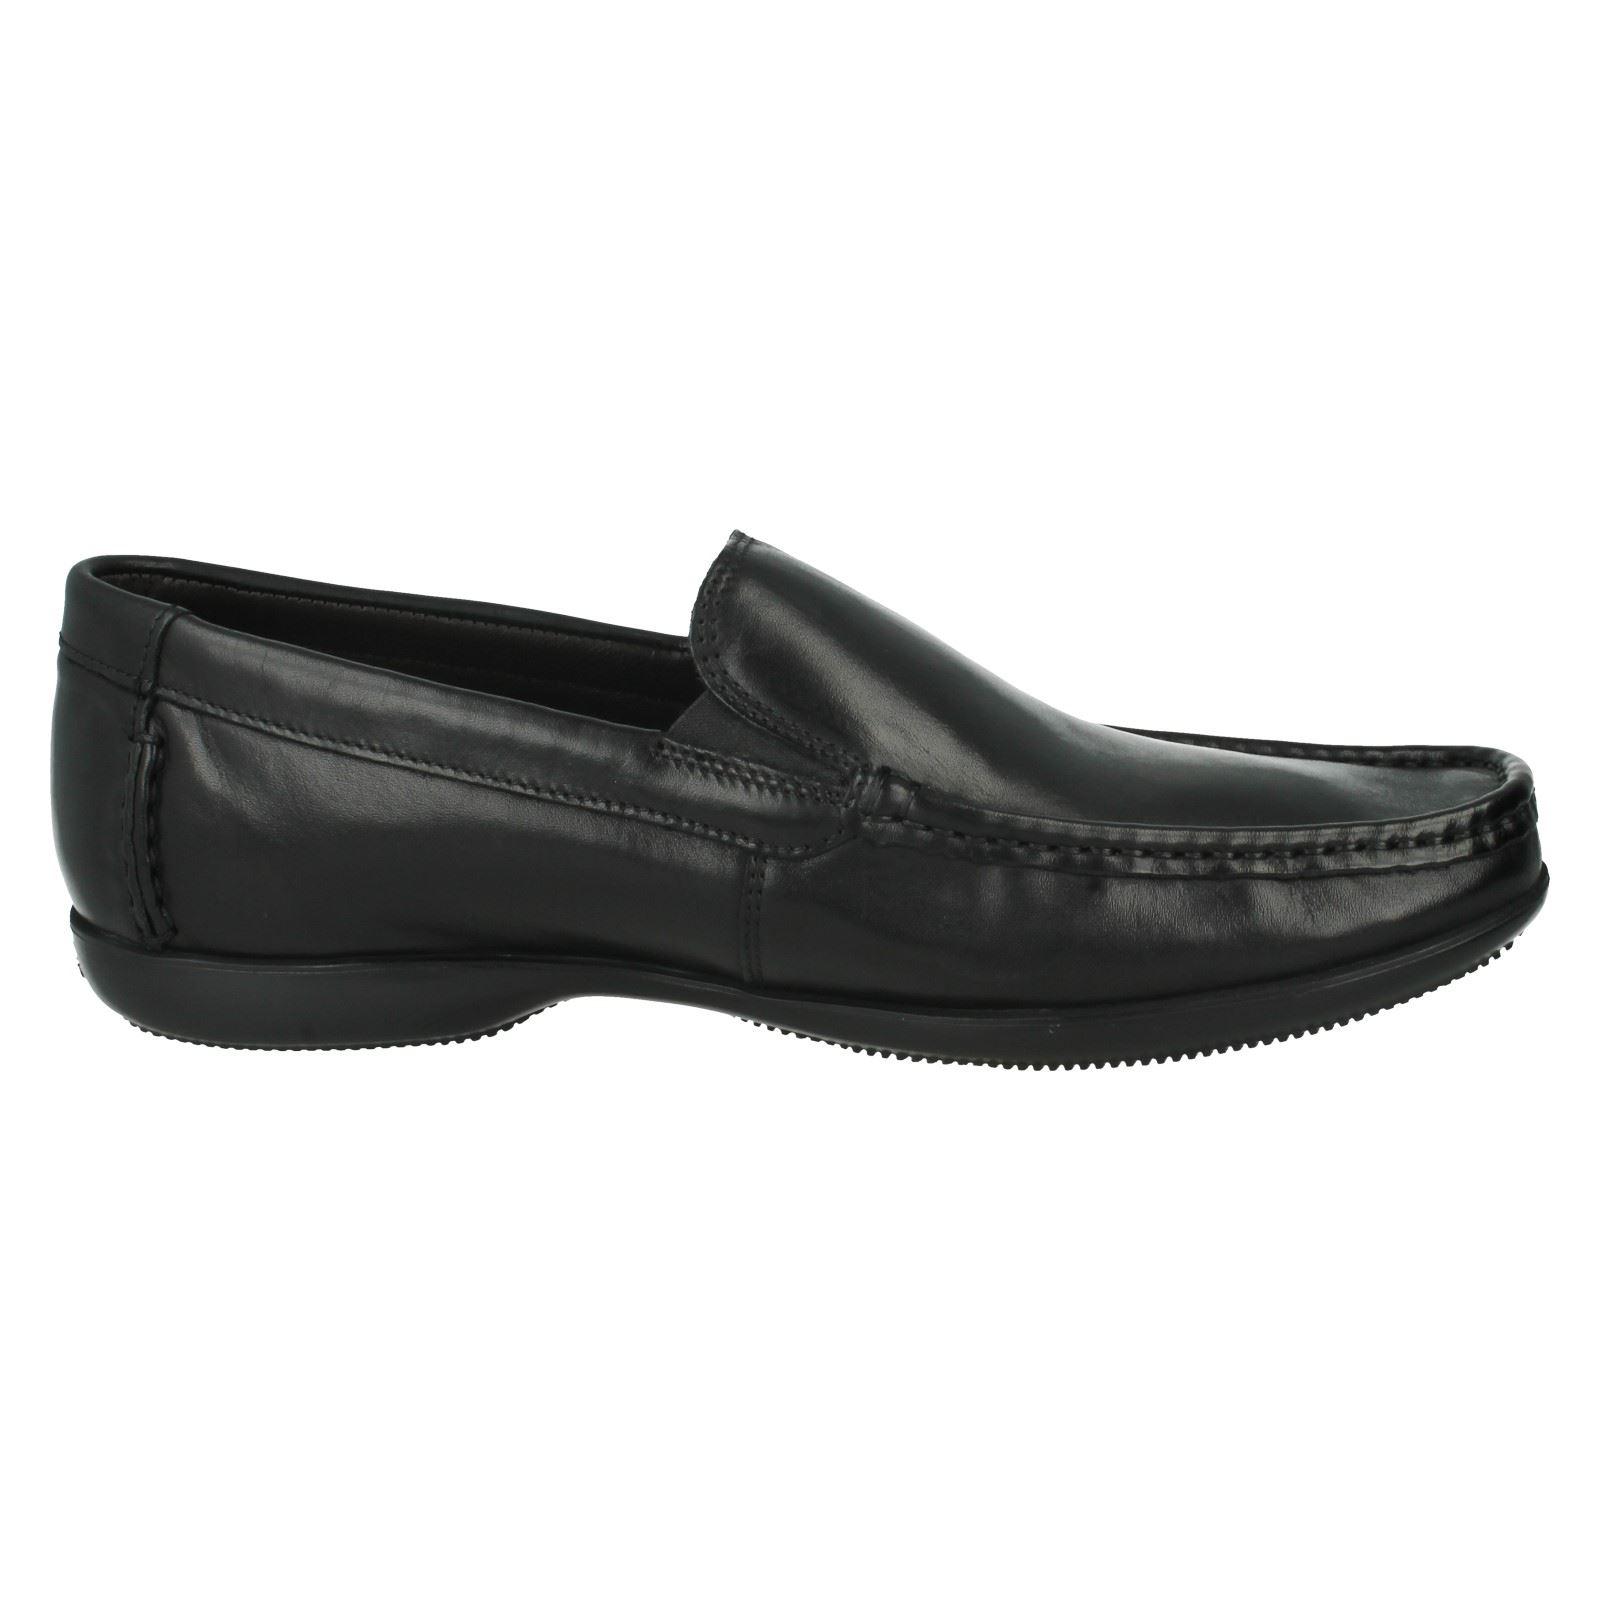 Clarks Pour Pour Clarks Homme En Cuir Slip On Chaussures De Loisirs LE STYLE-Finer Soleil e1b621